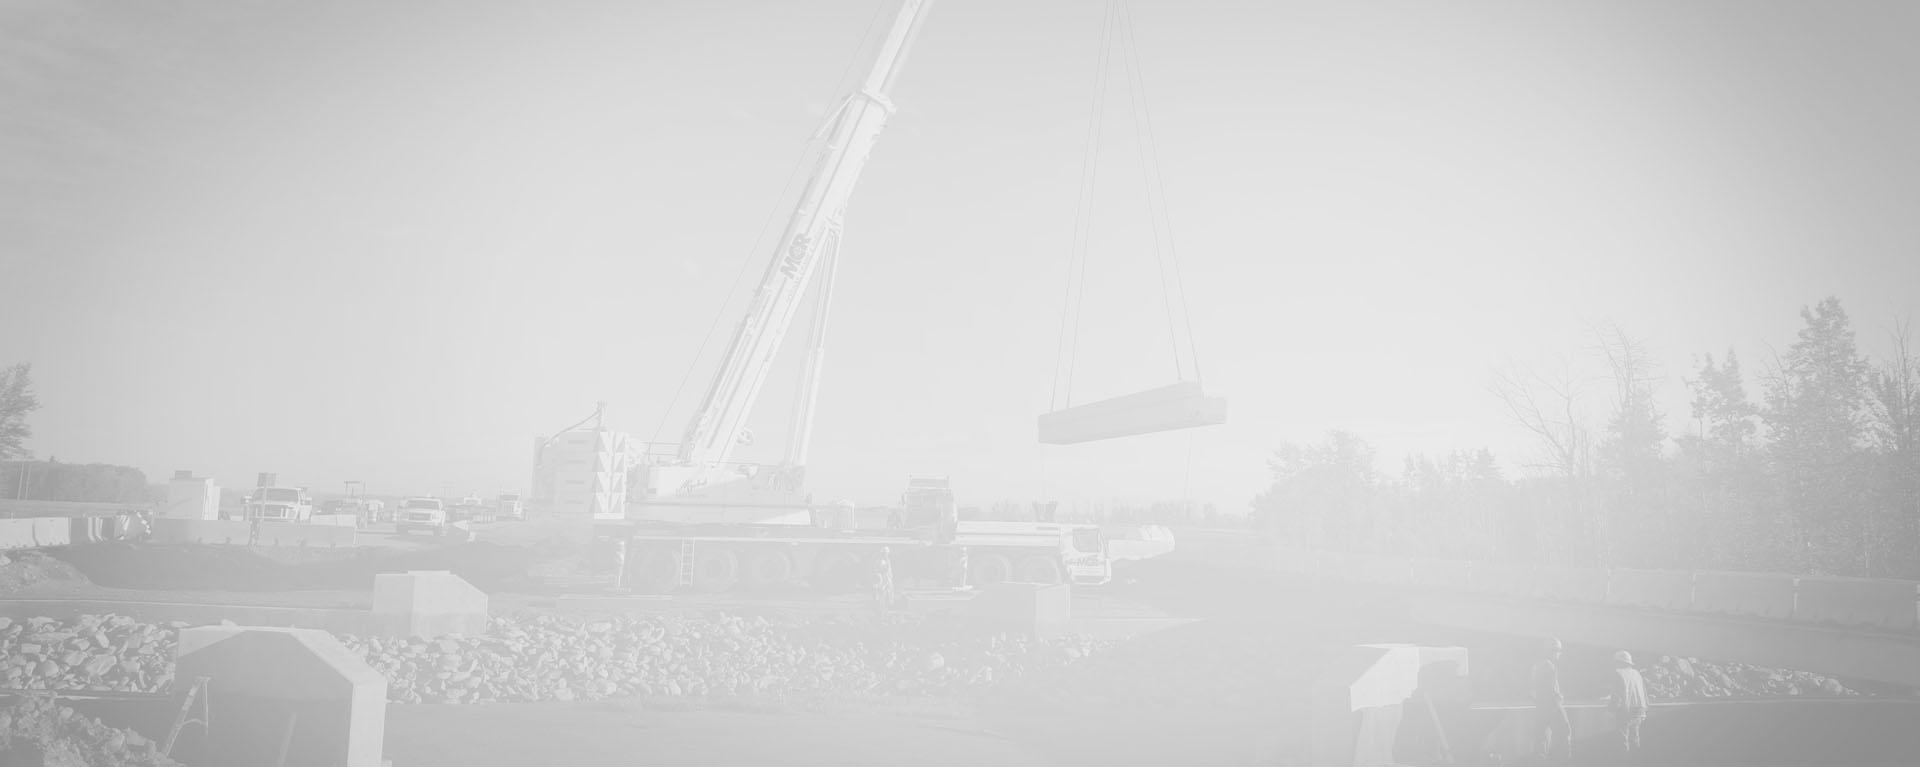 Cranes Calgary